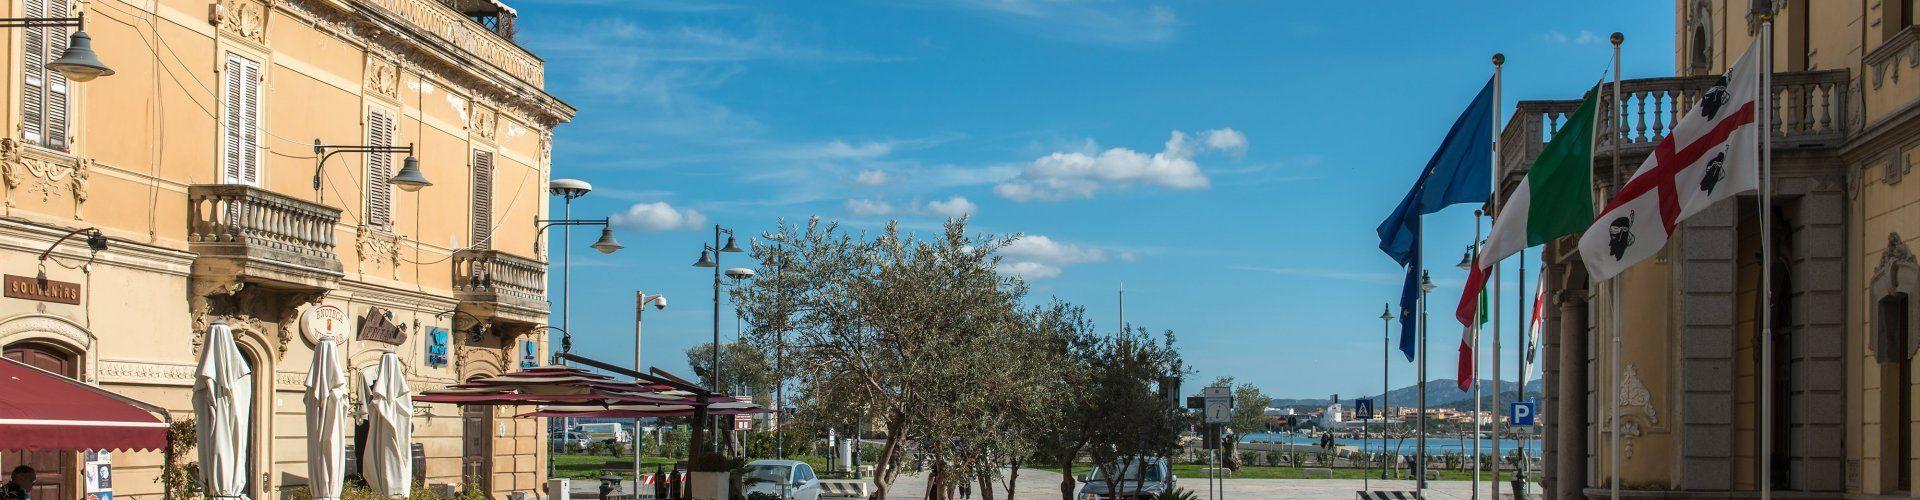 Einkaufsstrasse Corso Umberto I und Hafen von Olbia